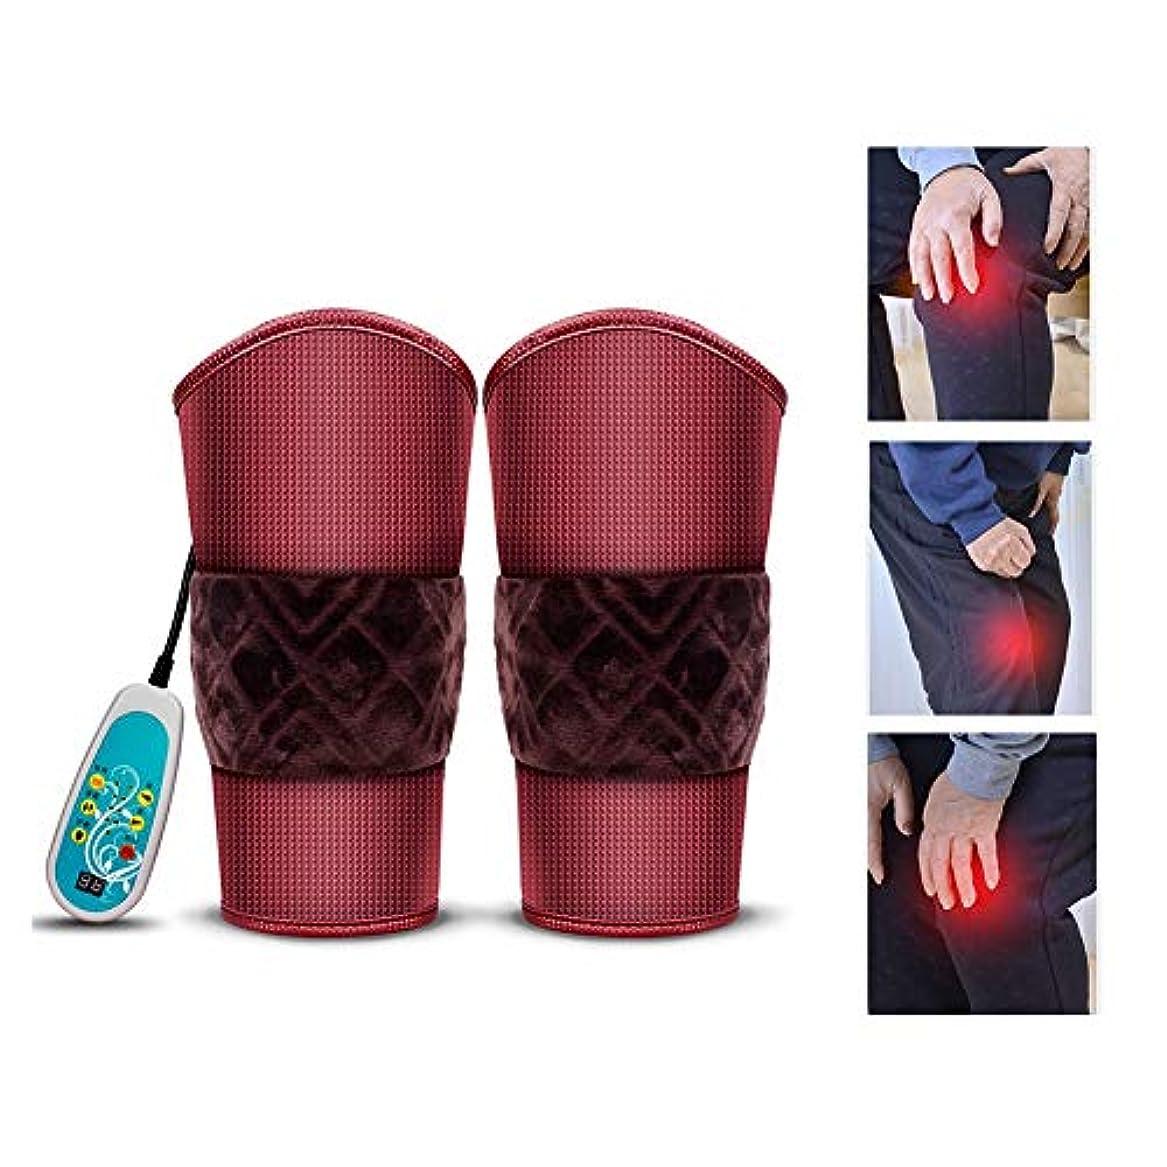 旅行代理店パンツ政策加熱膝ブレースサポート - 膝ウォームラップヒーテッドパッド - 9マッサージモードと3ファイル温度のセラピーマッサージャー、膝の怪我、痛みの軽減